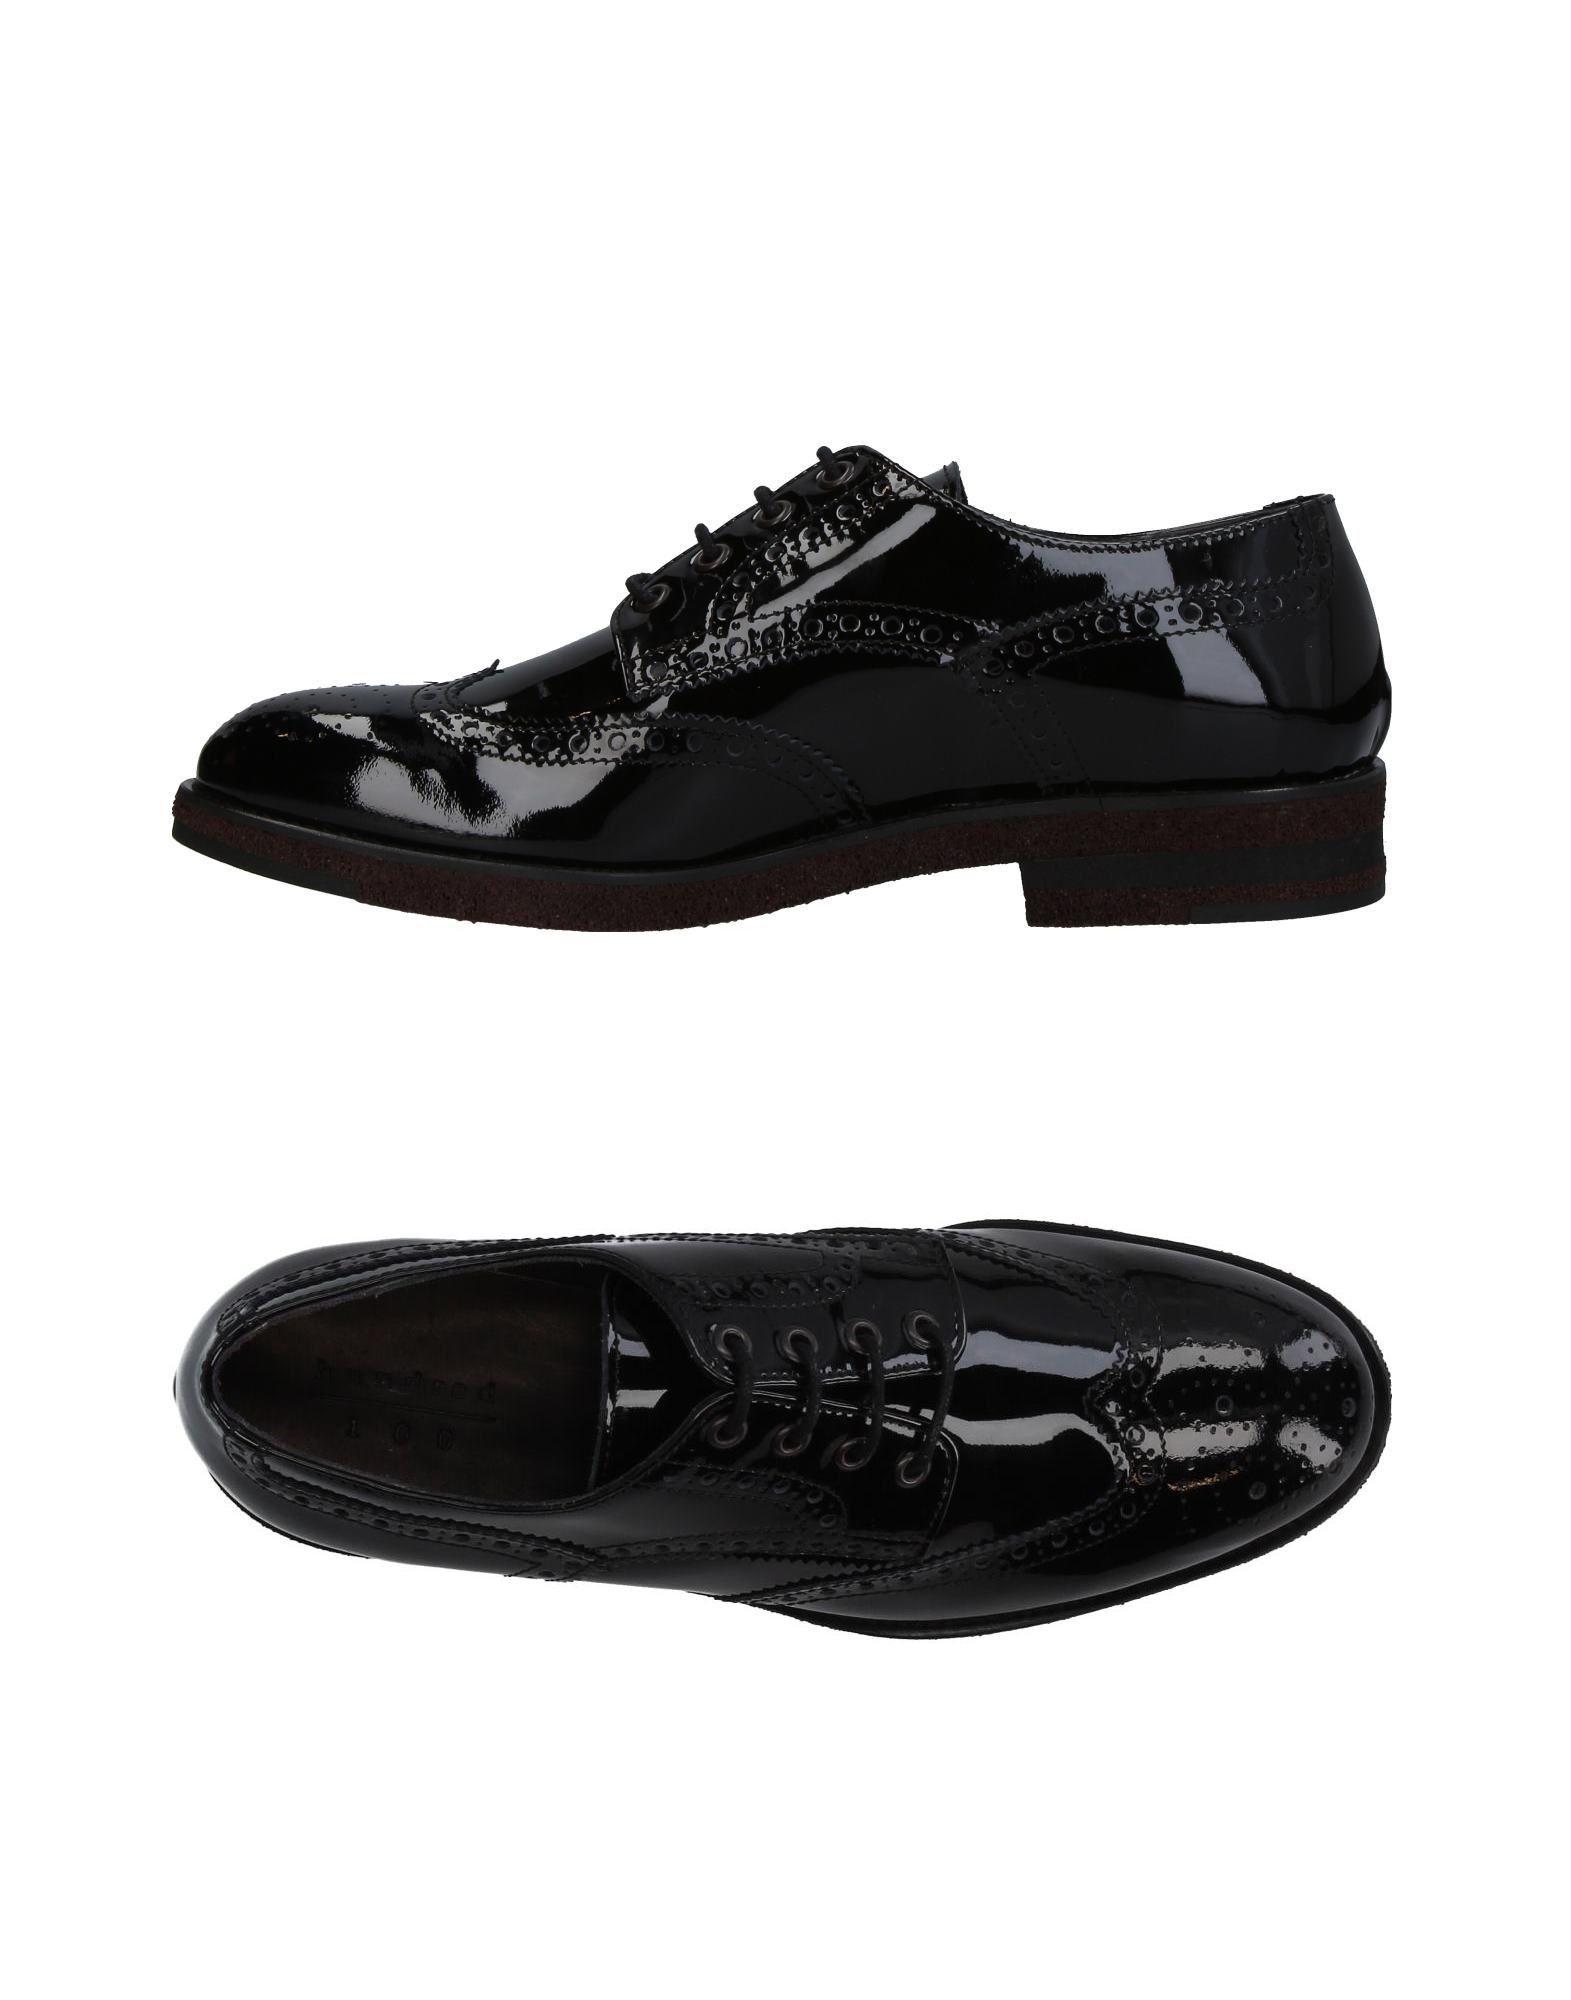 Chaussures - Bottes De Chaussures Je Suis Marras Isola NQ8dI